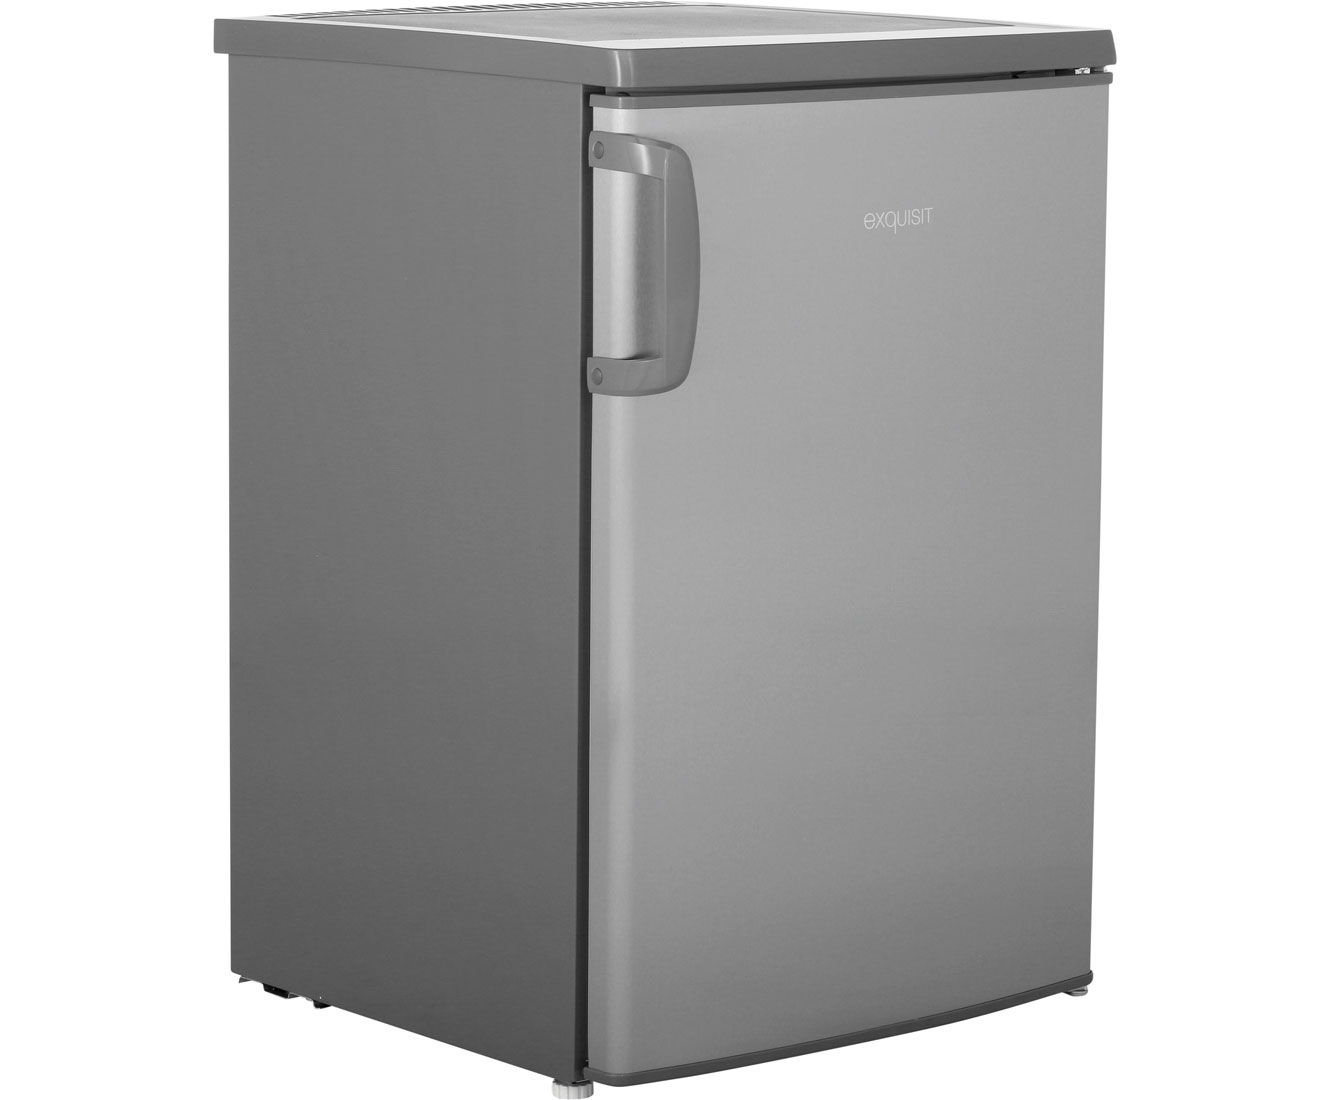 Exquisit KS 15-5 A+++ Kühlschrank mit Gefrierfach - Edelstahl, A+++